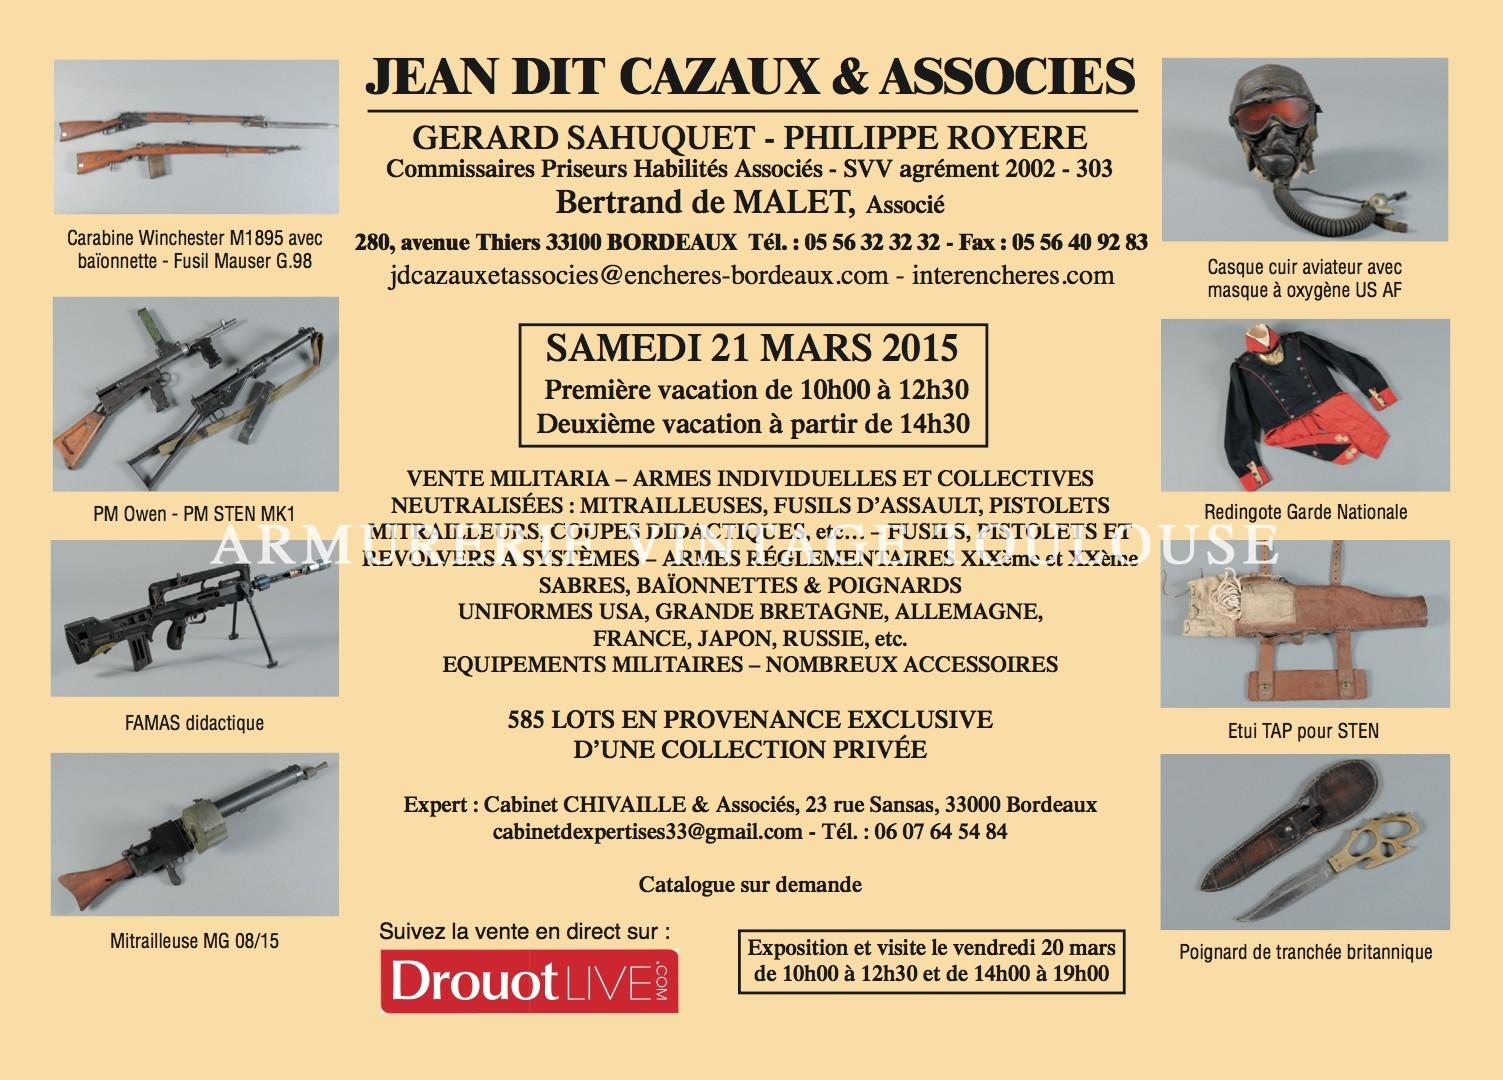 Vente aux enchères militaria qui aura lieu de 21 mars à Bordeaux